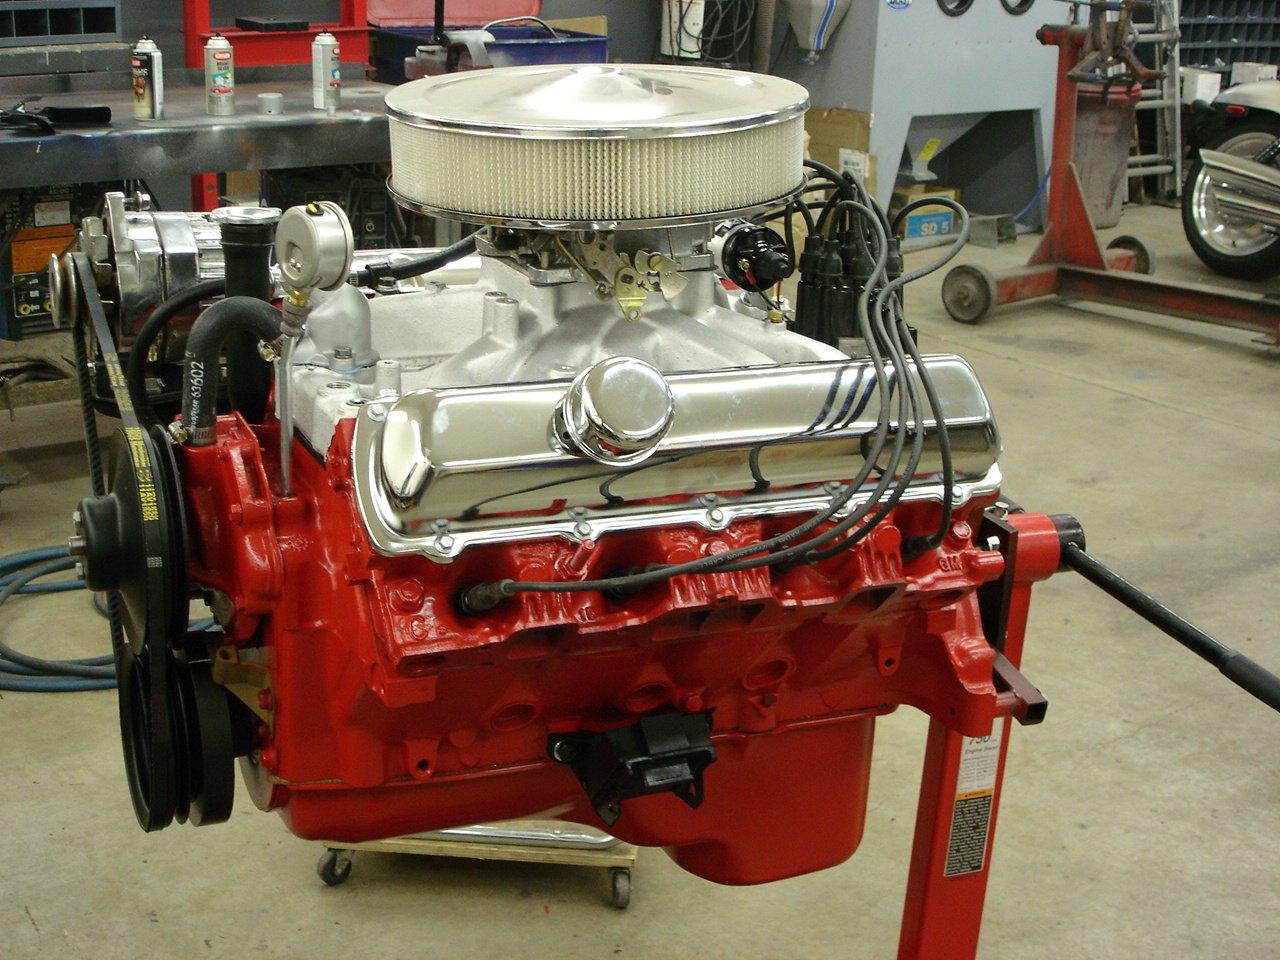 Rebuilt 455 Motor Completely Upper And Lower Car Back